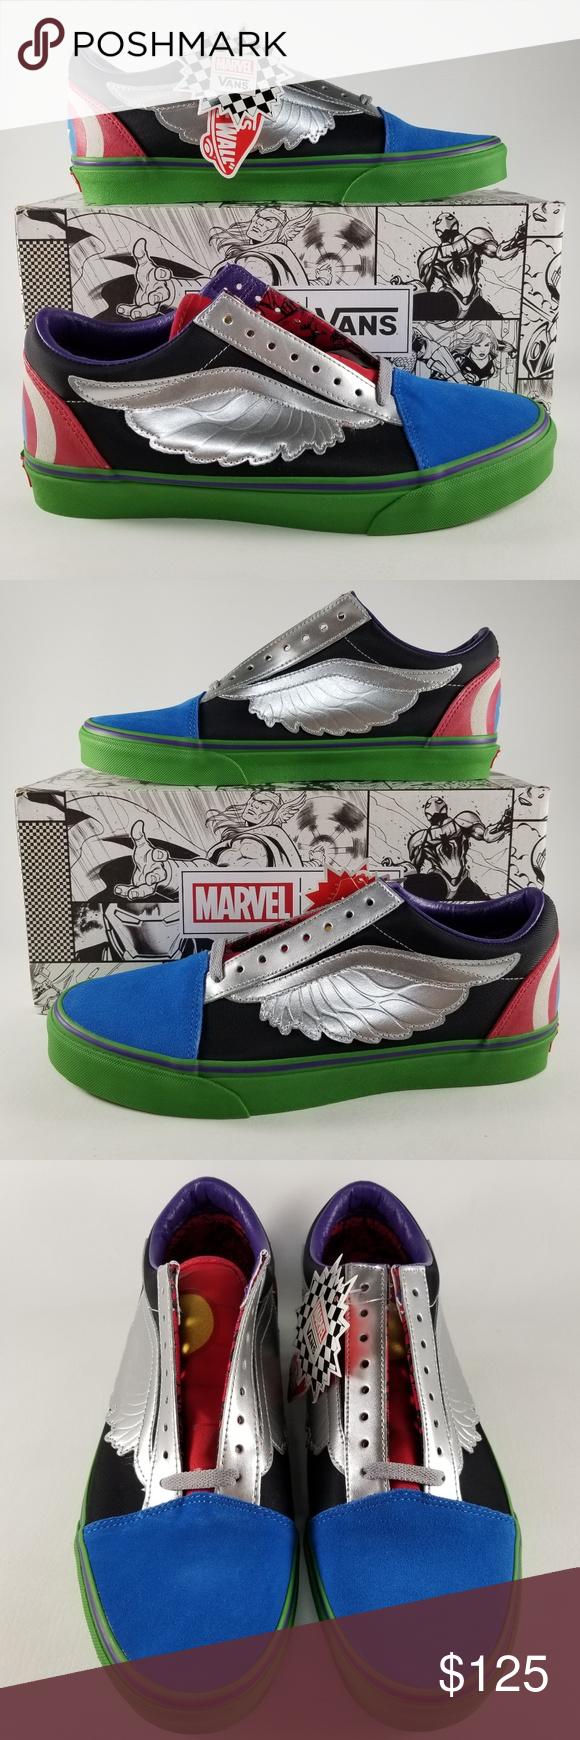 04385b8974a VANS X Marvel Old Skool Avengers Men s Sneakers 10 VANS X Marvel Old Skool  Men s Sneakers Limited Edition